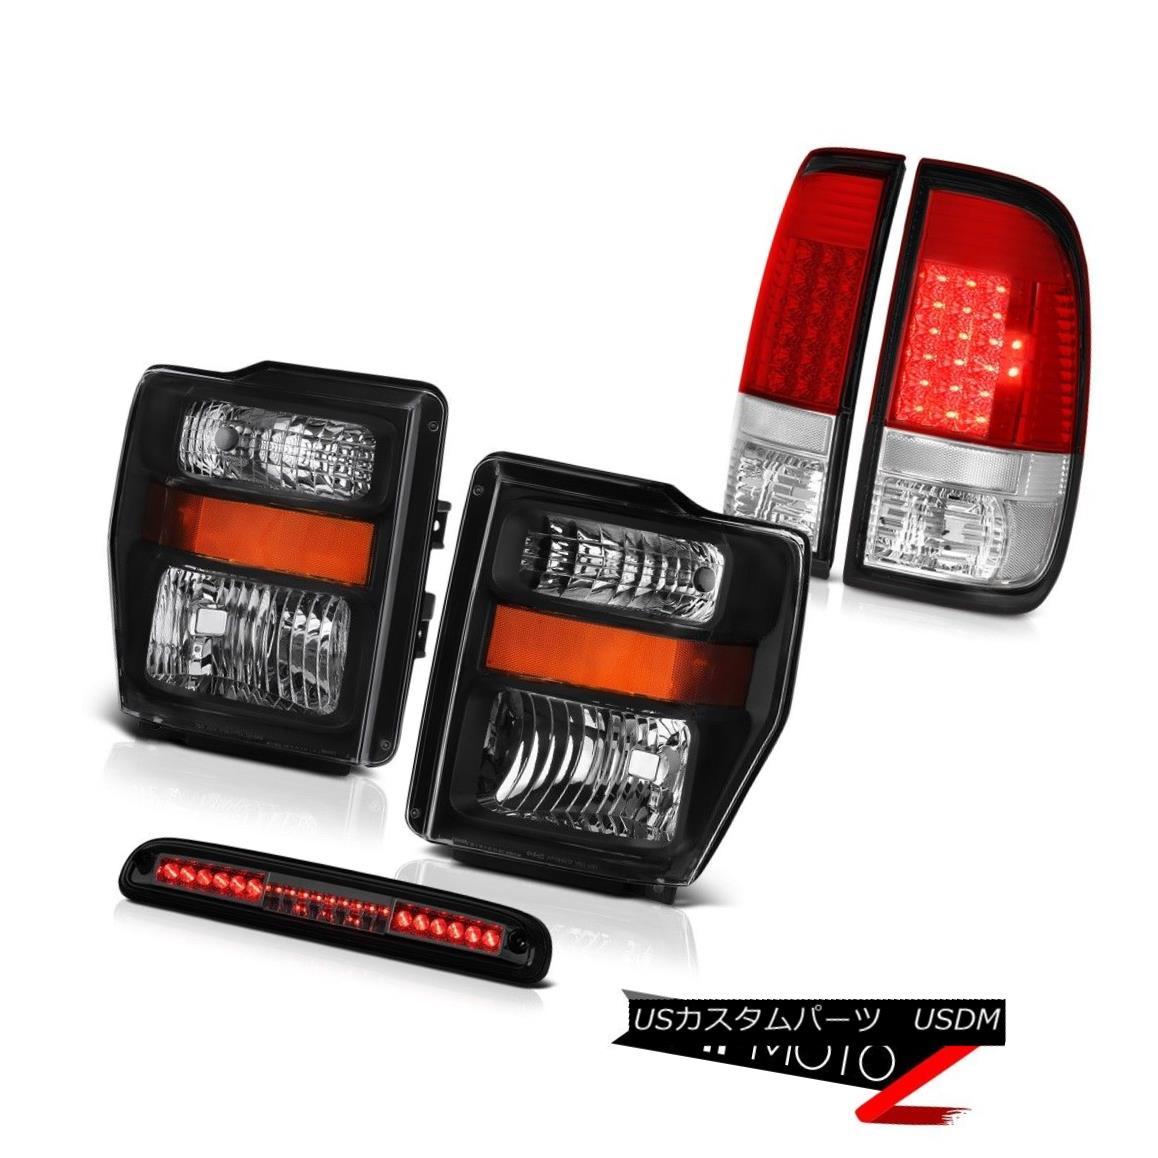 テールライト 2008 2009 2010 F350 Turbo Diesel Satin Black Headlamps Brake Taillights LED Roof 2008 2009 2010 F350ターボディーゼルサテンブラックヘッドランプブレーキテールライトLED屋根